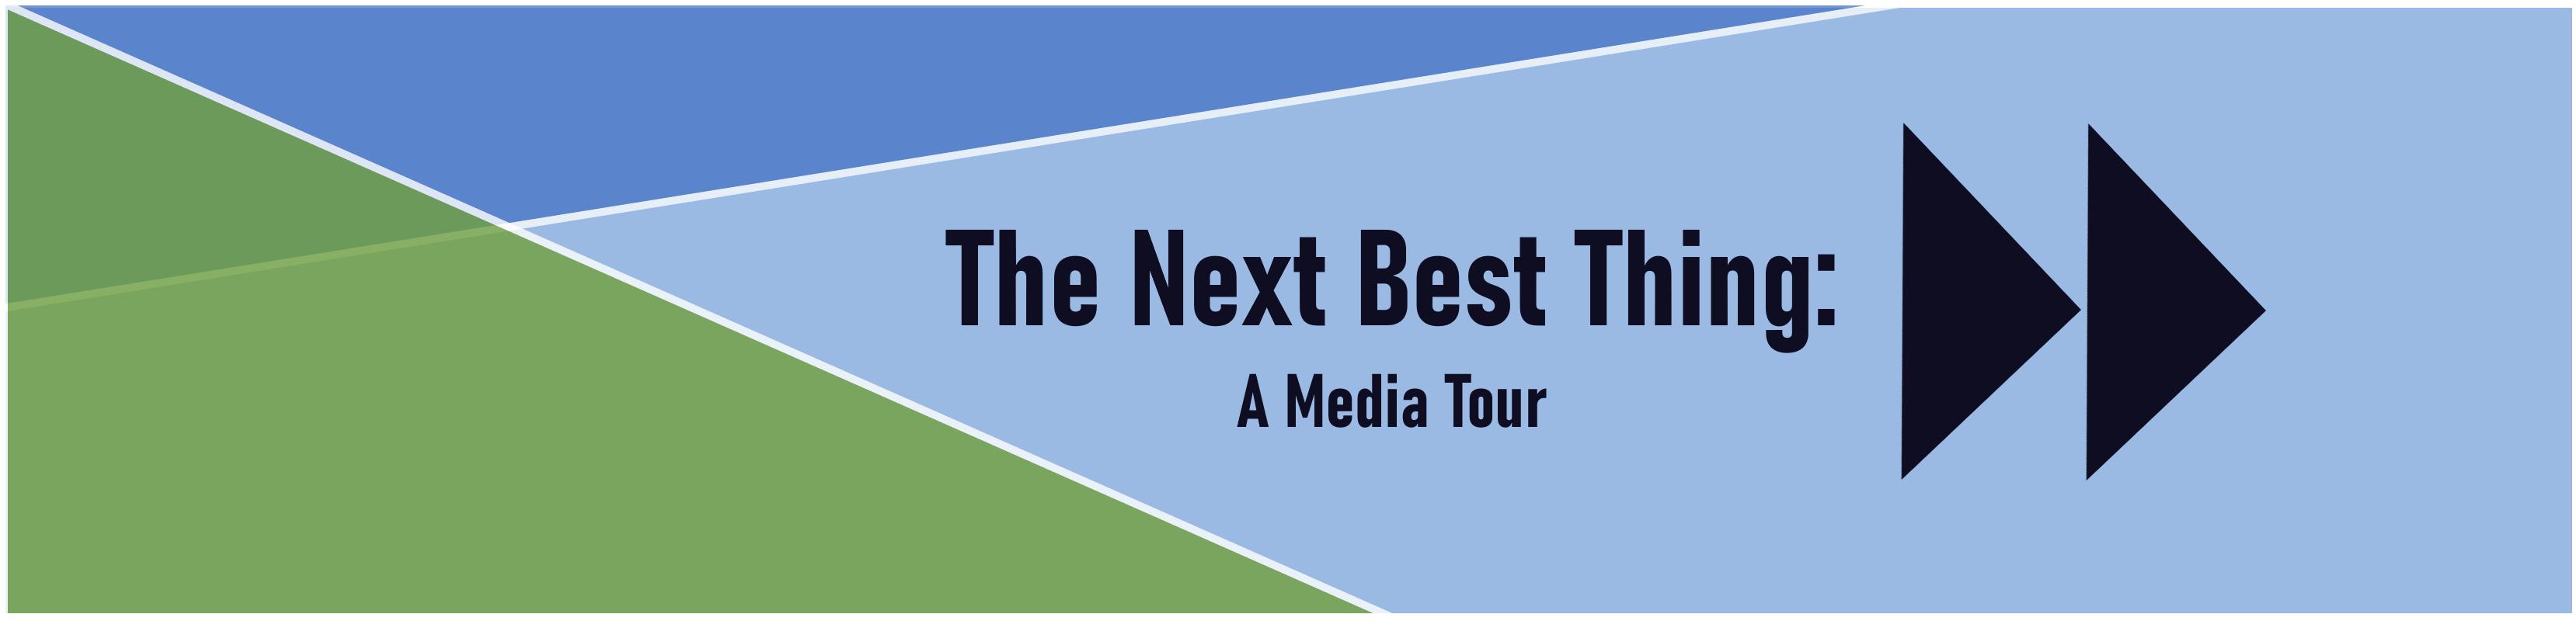 Media Tour